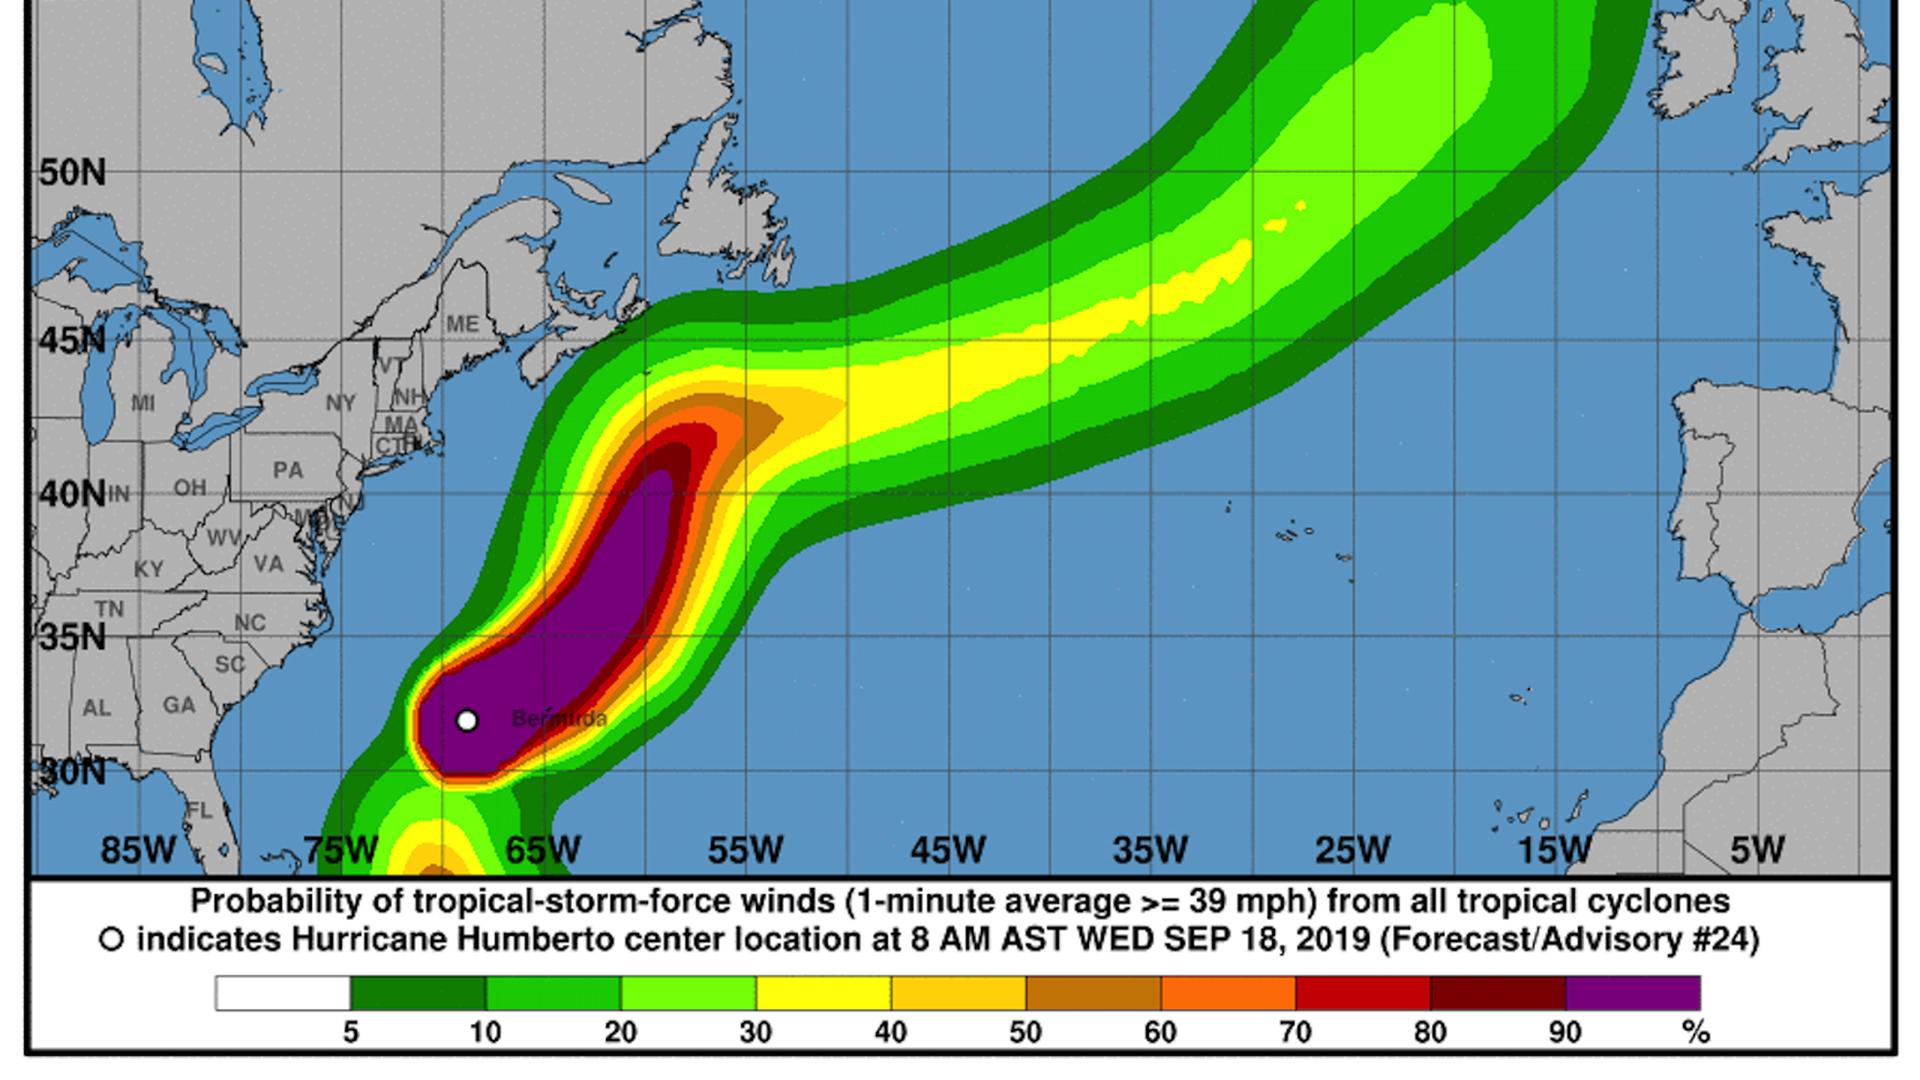 map of Hurricane humberto's track